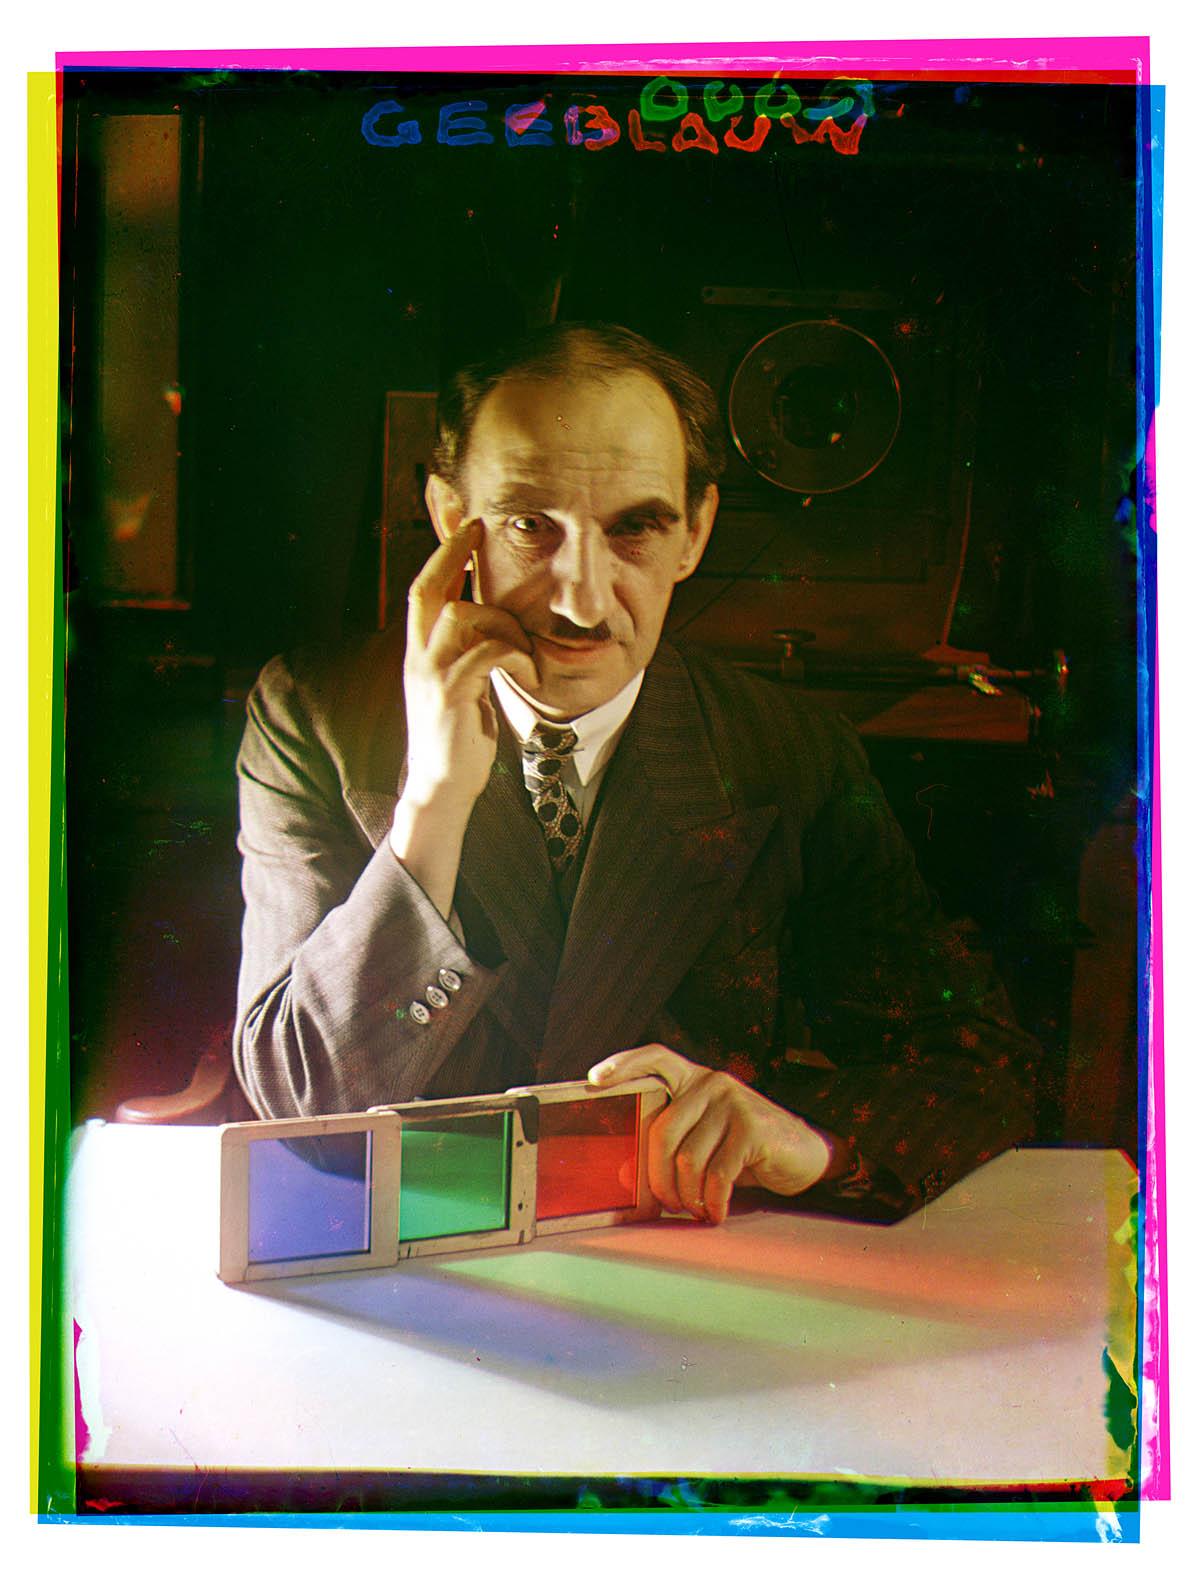 Autorretrato de Bernard Eliers con los tres filtros de color. Entre 1934 y 1936 - Todas las fotos: Bernard Eliers, Archivos Municipales de Ámsterdam